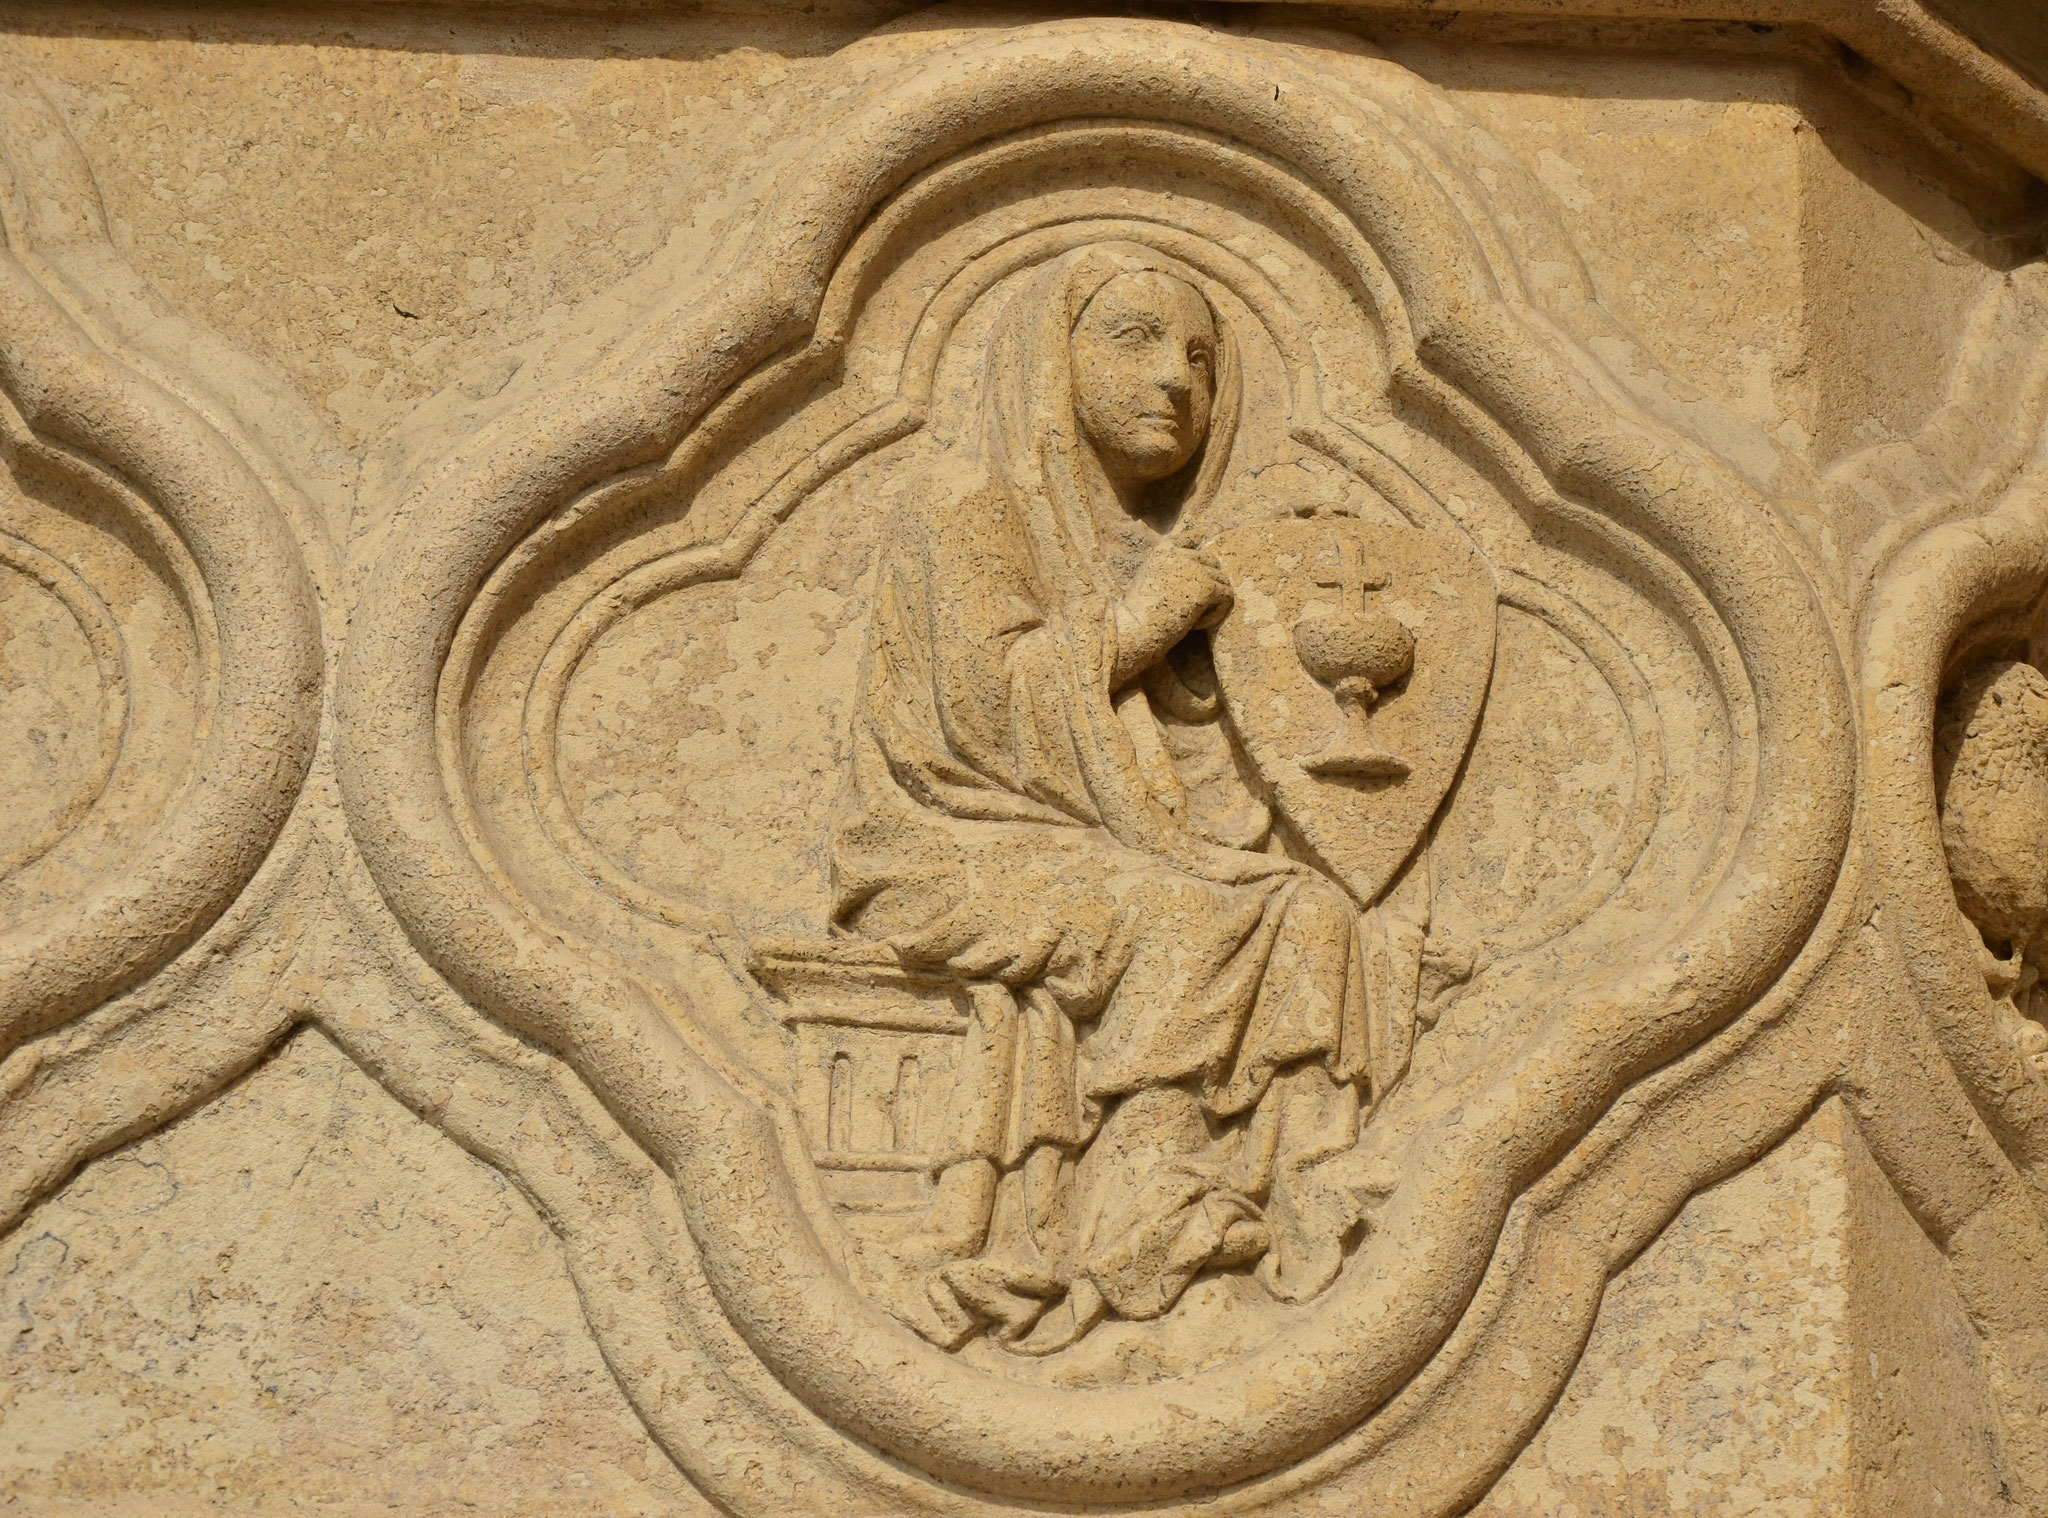 Sculpture de la cathédrale d'Amiens, Picardie